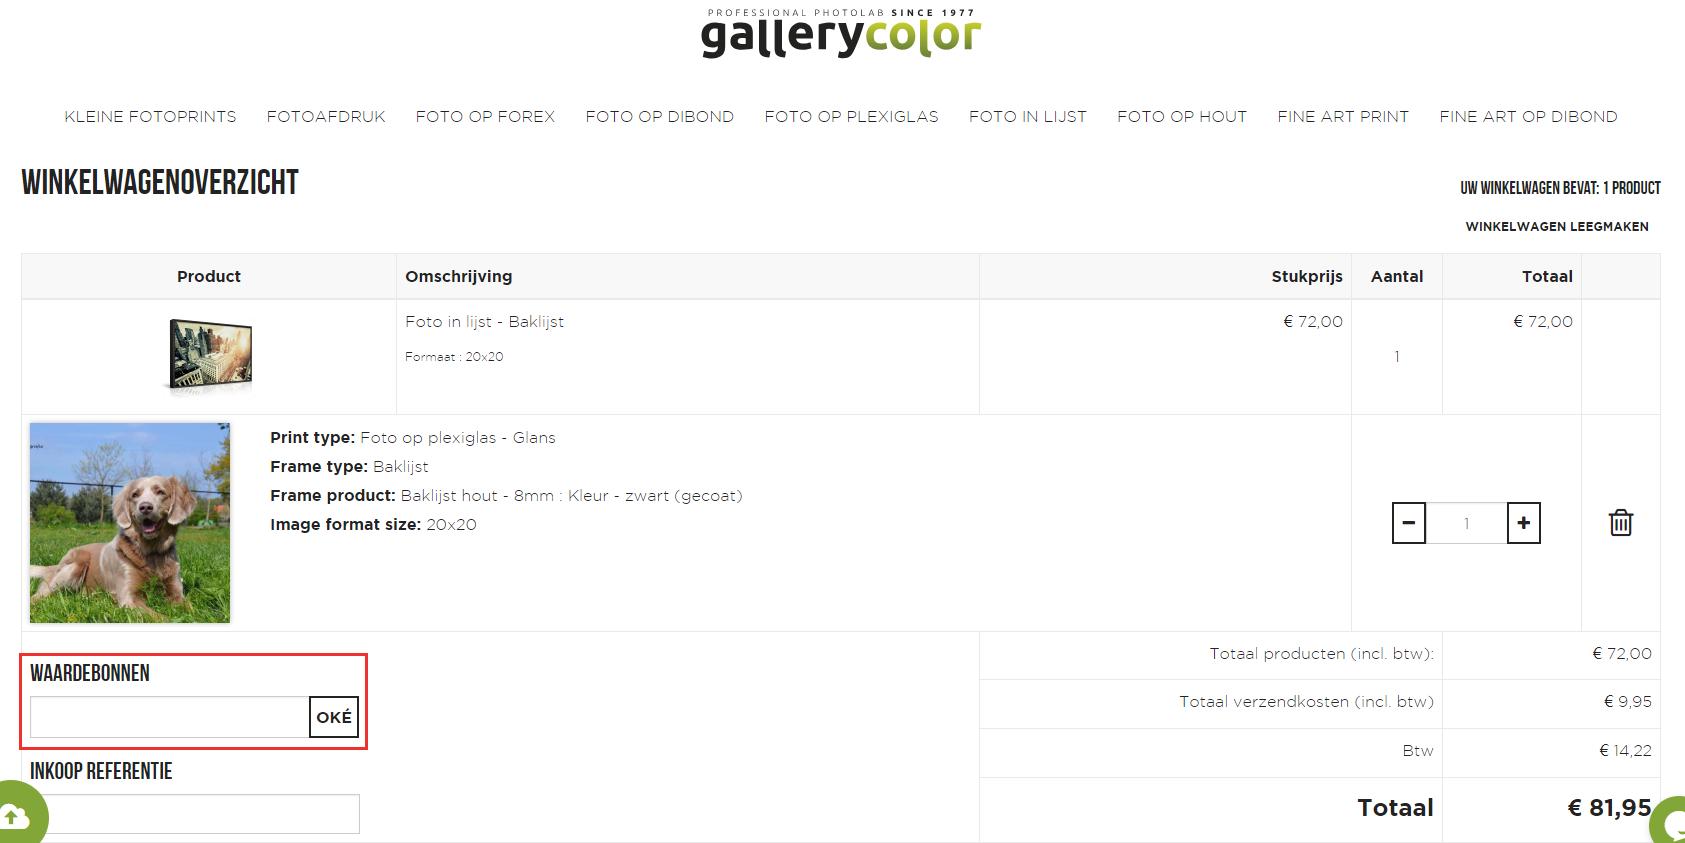 Gallery Color kortingscode gebruiken